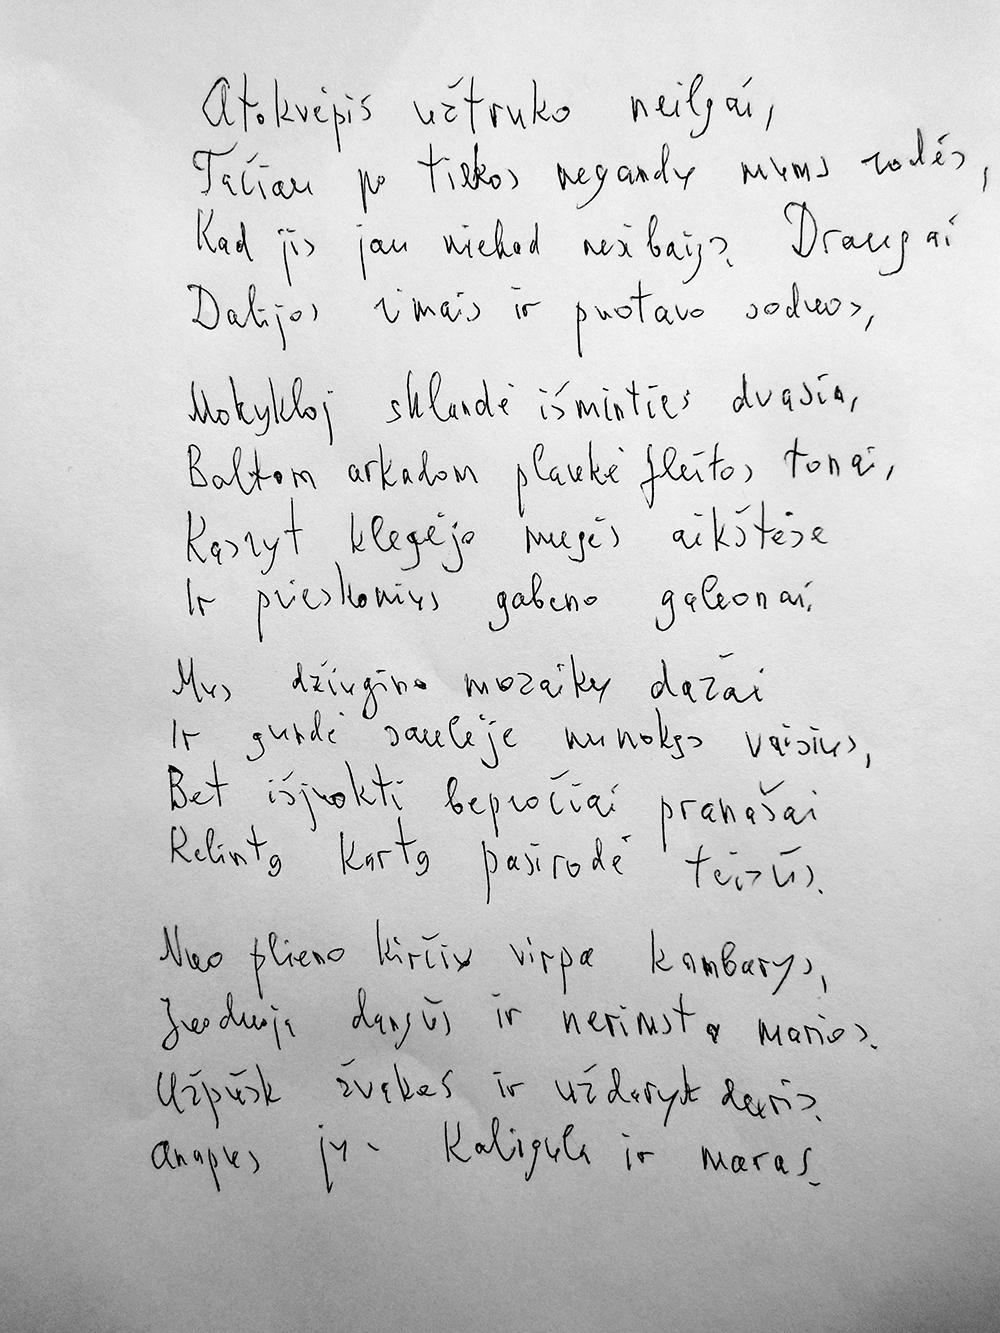 """Tomo Venclovos eilėraščio iš knygos """"Eumenidžių giraitė"""" faksimilė. Iš T. Venclovos archyvo"""